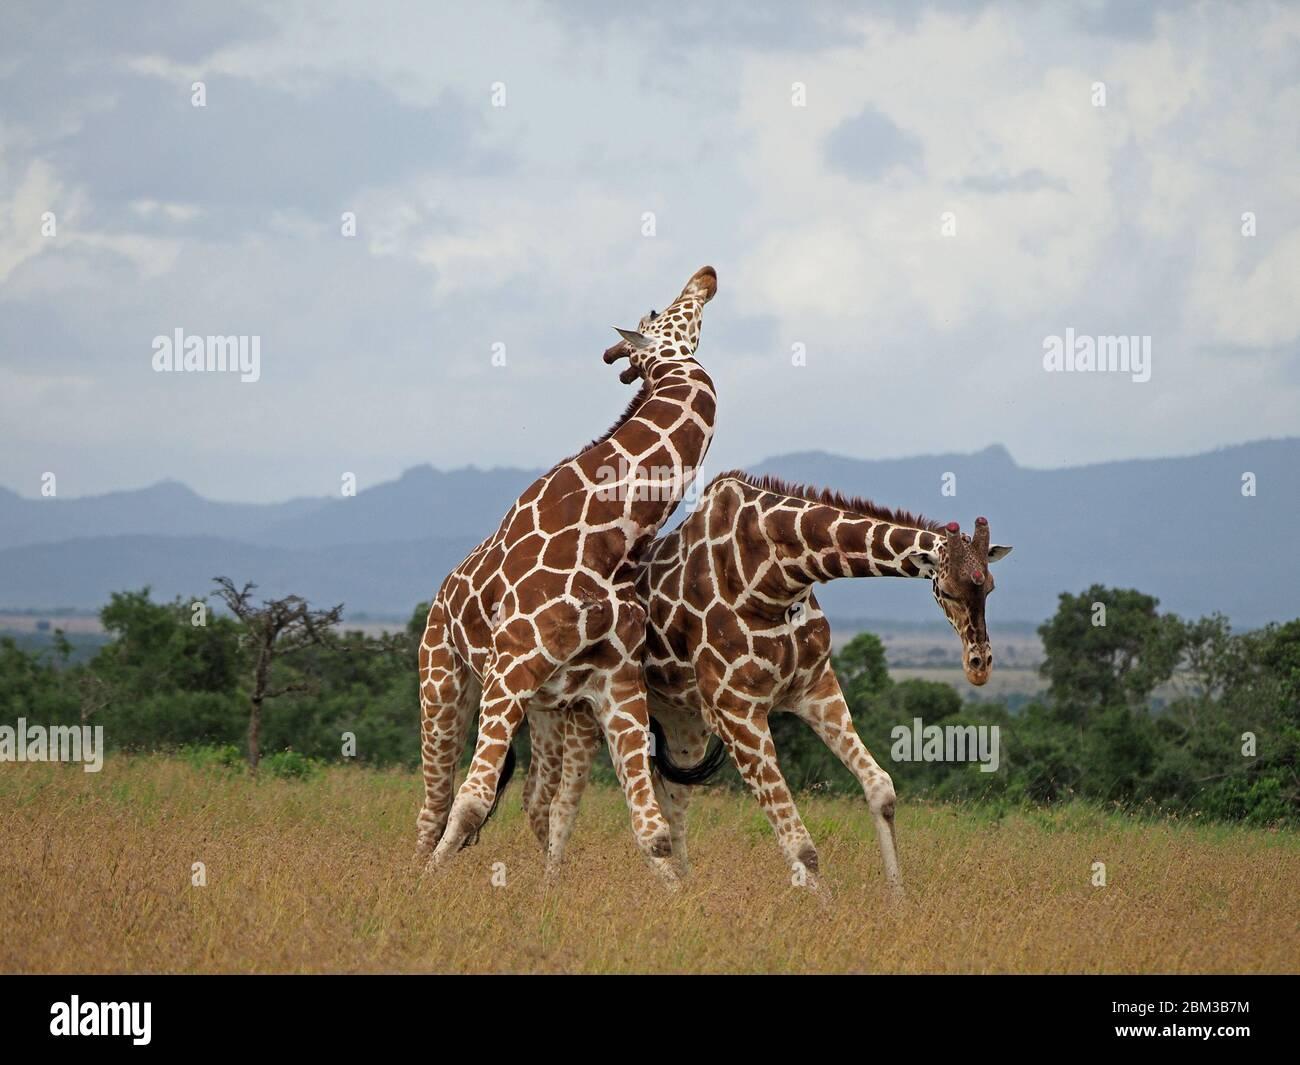 Dos jirafas (Giraffa camelopardis reticulata), de edad, luchan por el derecho a aparearse con la mujer -ol Pejeta Conservancy,Laikipia,Kenya, África Foto de stock